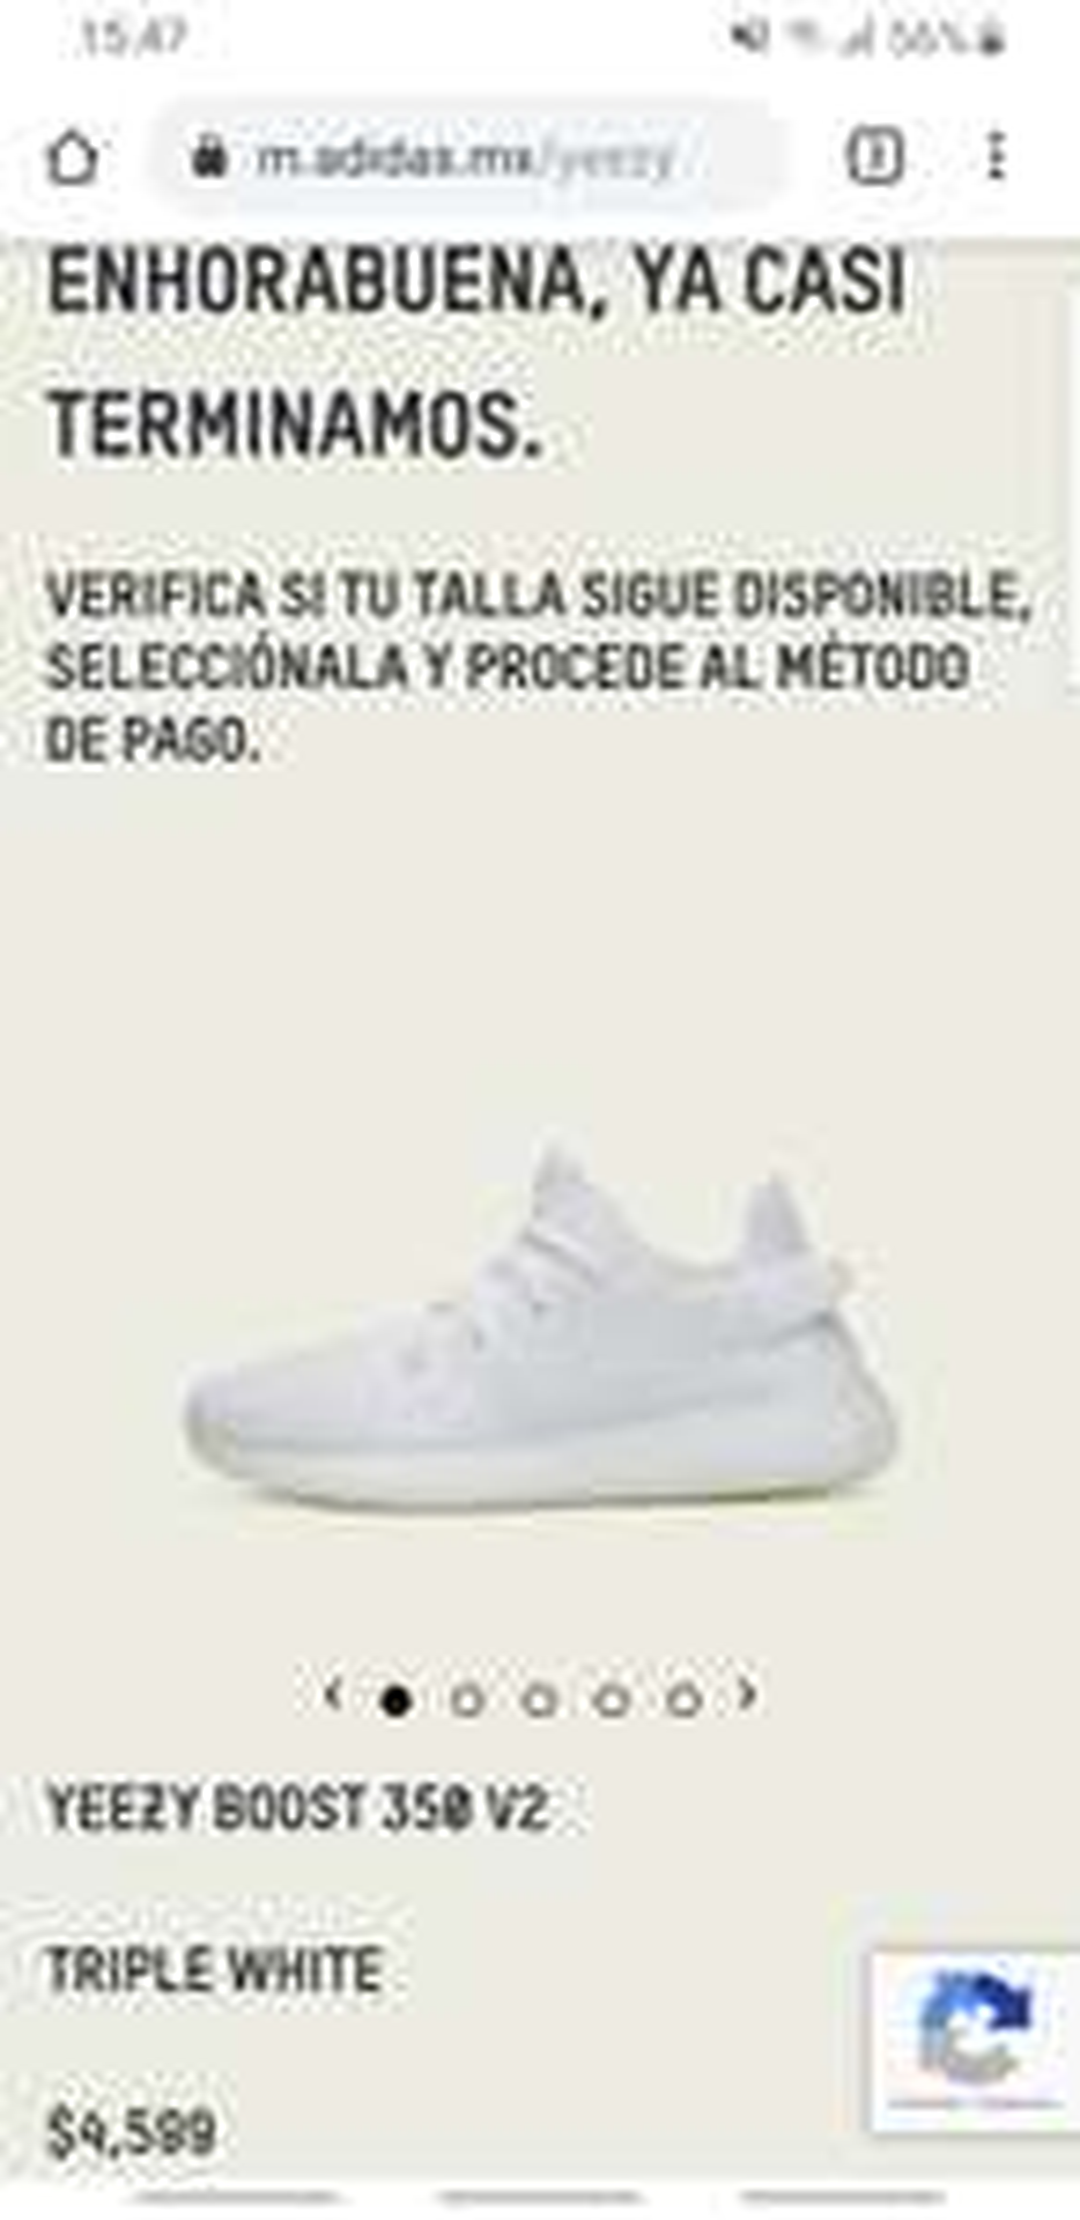 Adidas: Tenis Yeezy